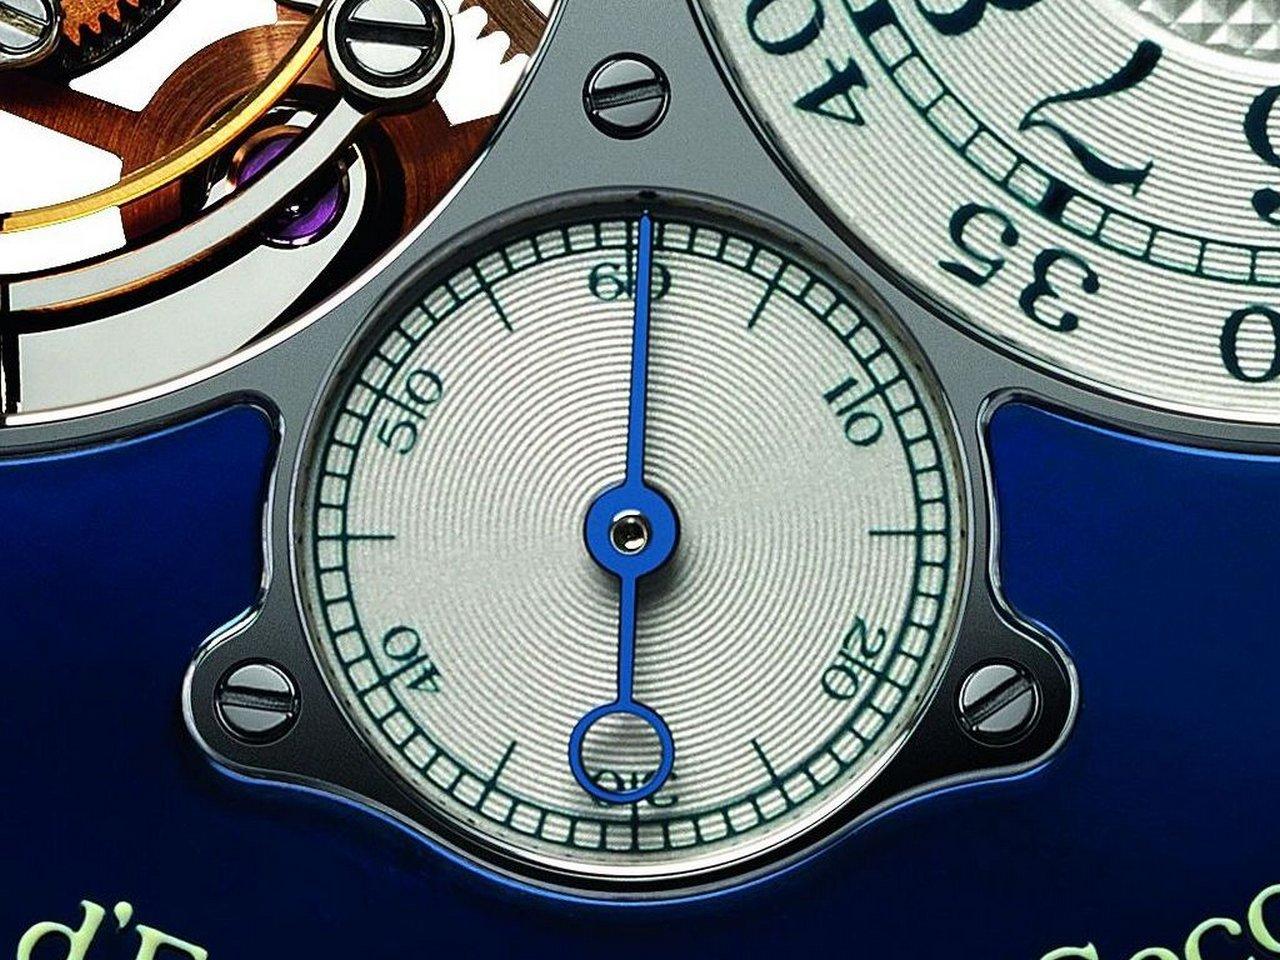 f-p-journe-tourbillon-souverain-bleu-only-watch-2015-0-100-4